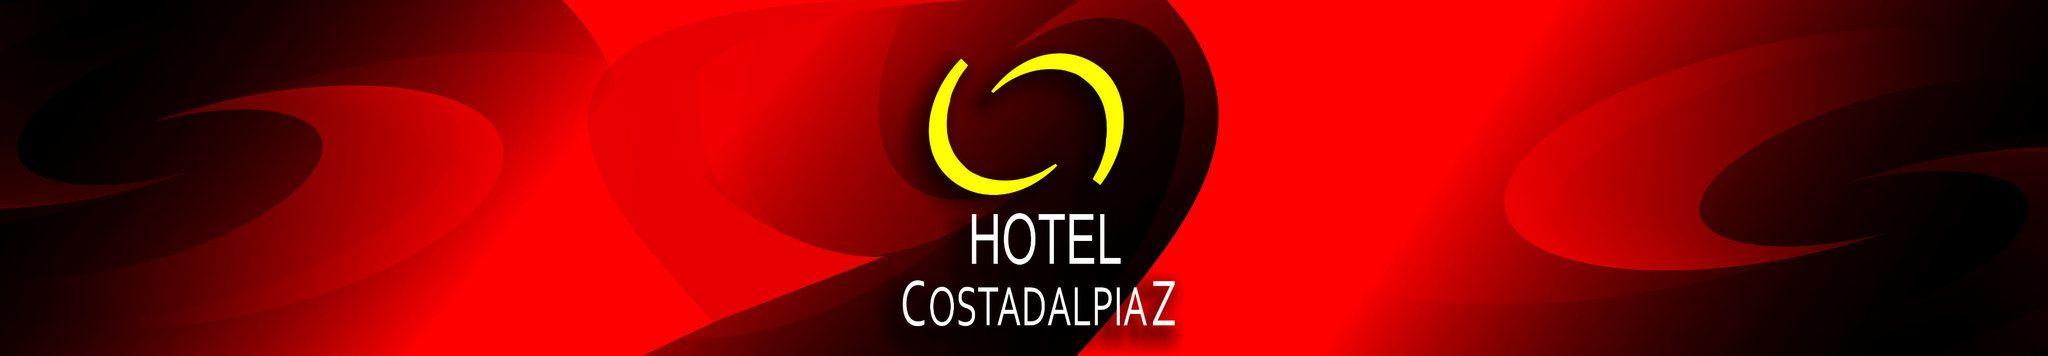 科斯塔道皮尔兹酒店